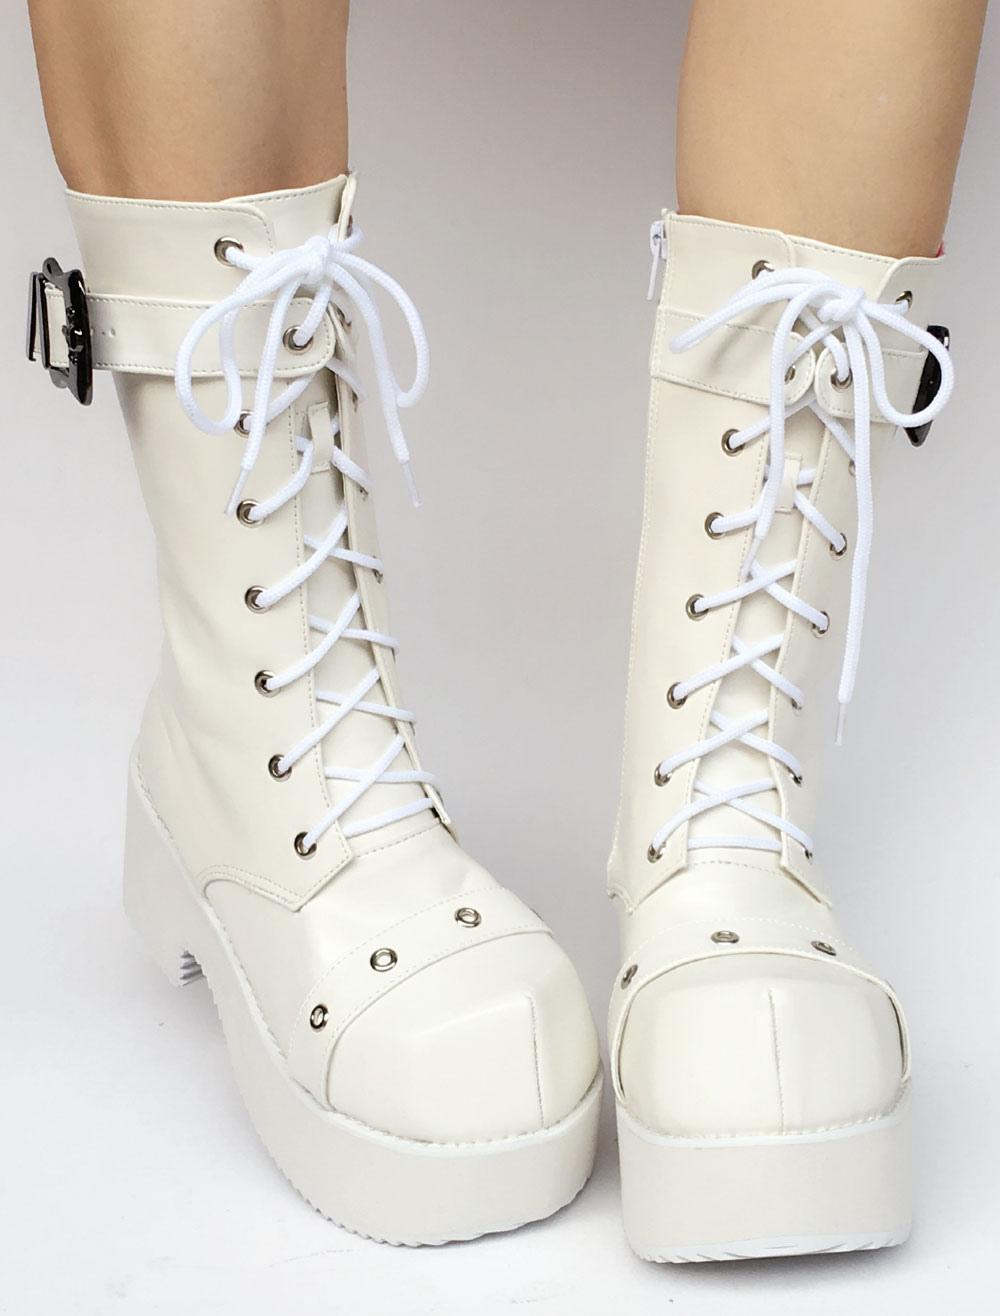 Lolita blanco botas plataforma tacón grueso encaje hebilla alrededor del dedo del pie cremallera Lolita botas cortas con ojal l1RC0Bui